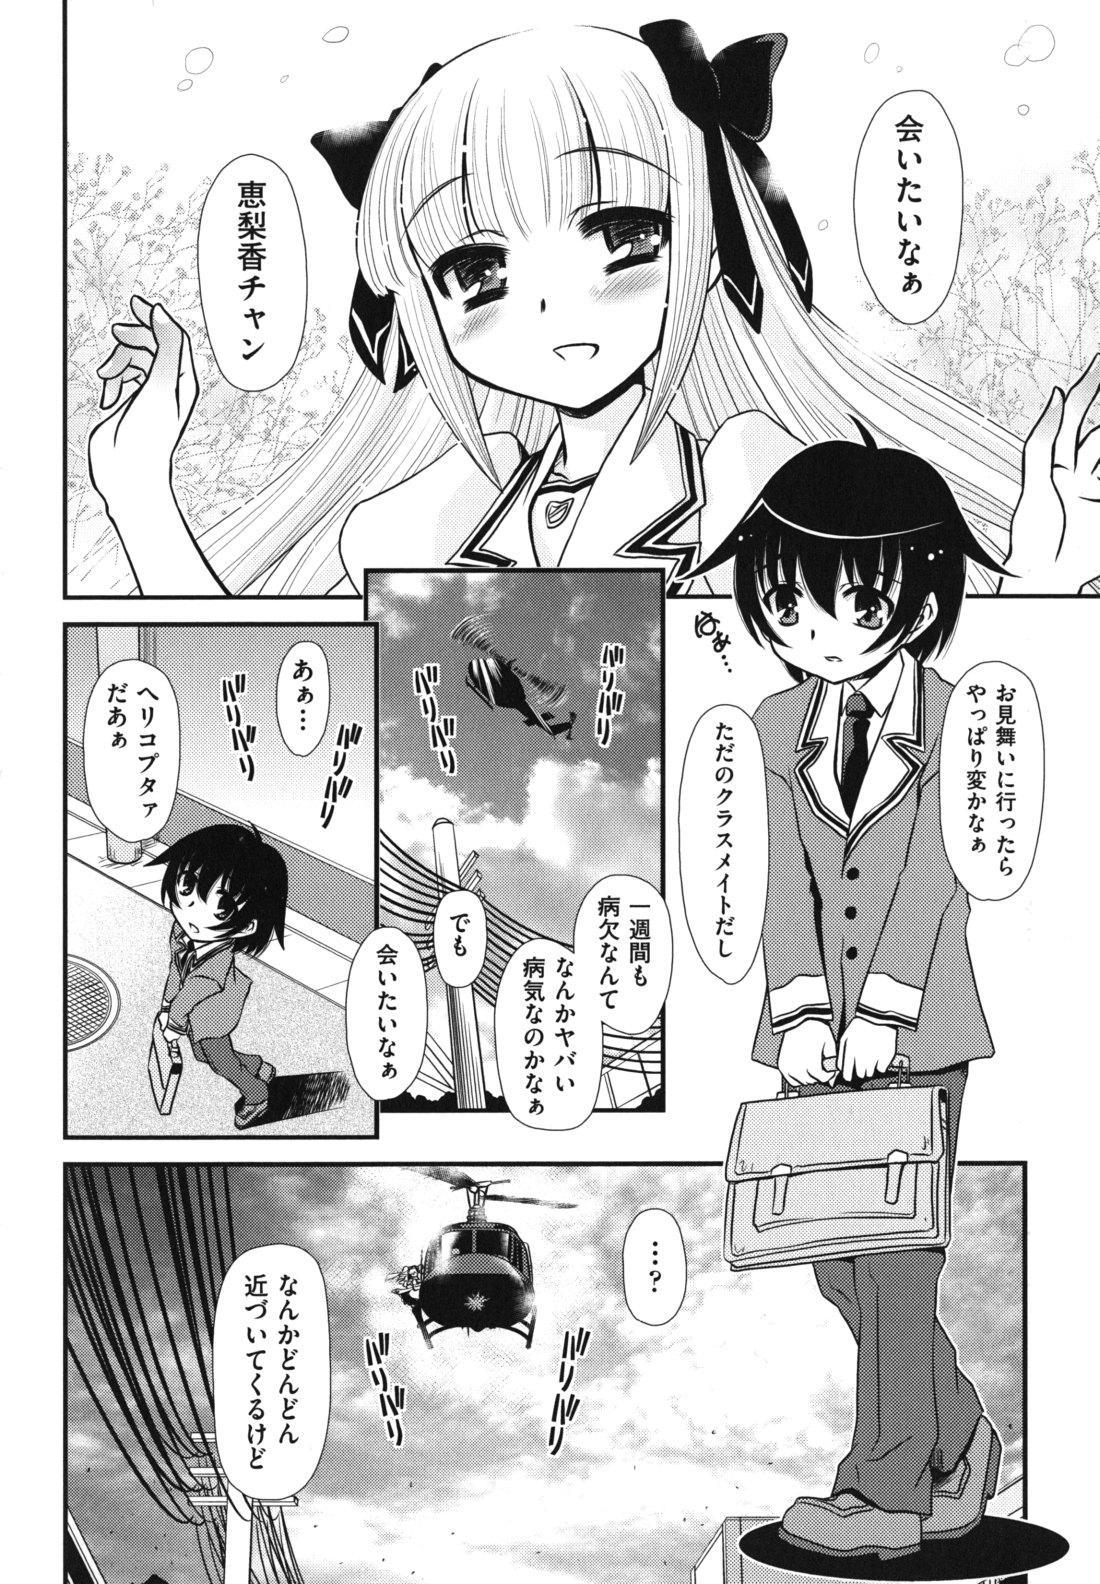 Twintail de Kneesocks no Onnanoko tachi ga Kyakkya de Ufufu♥ 78